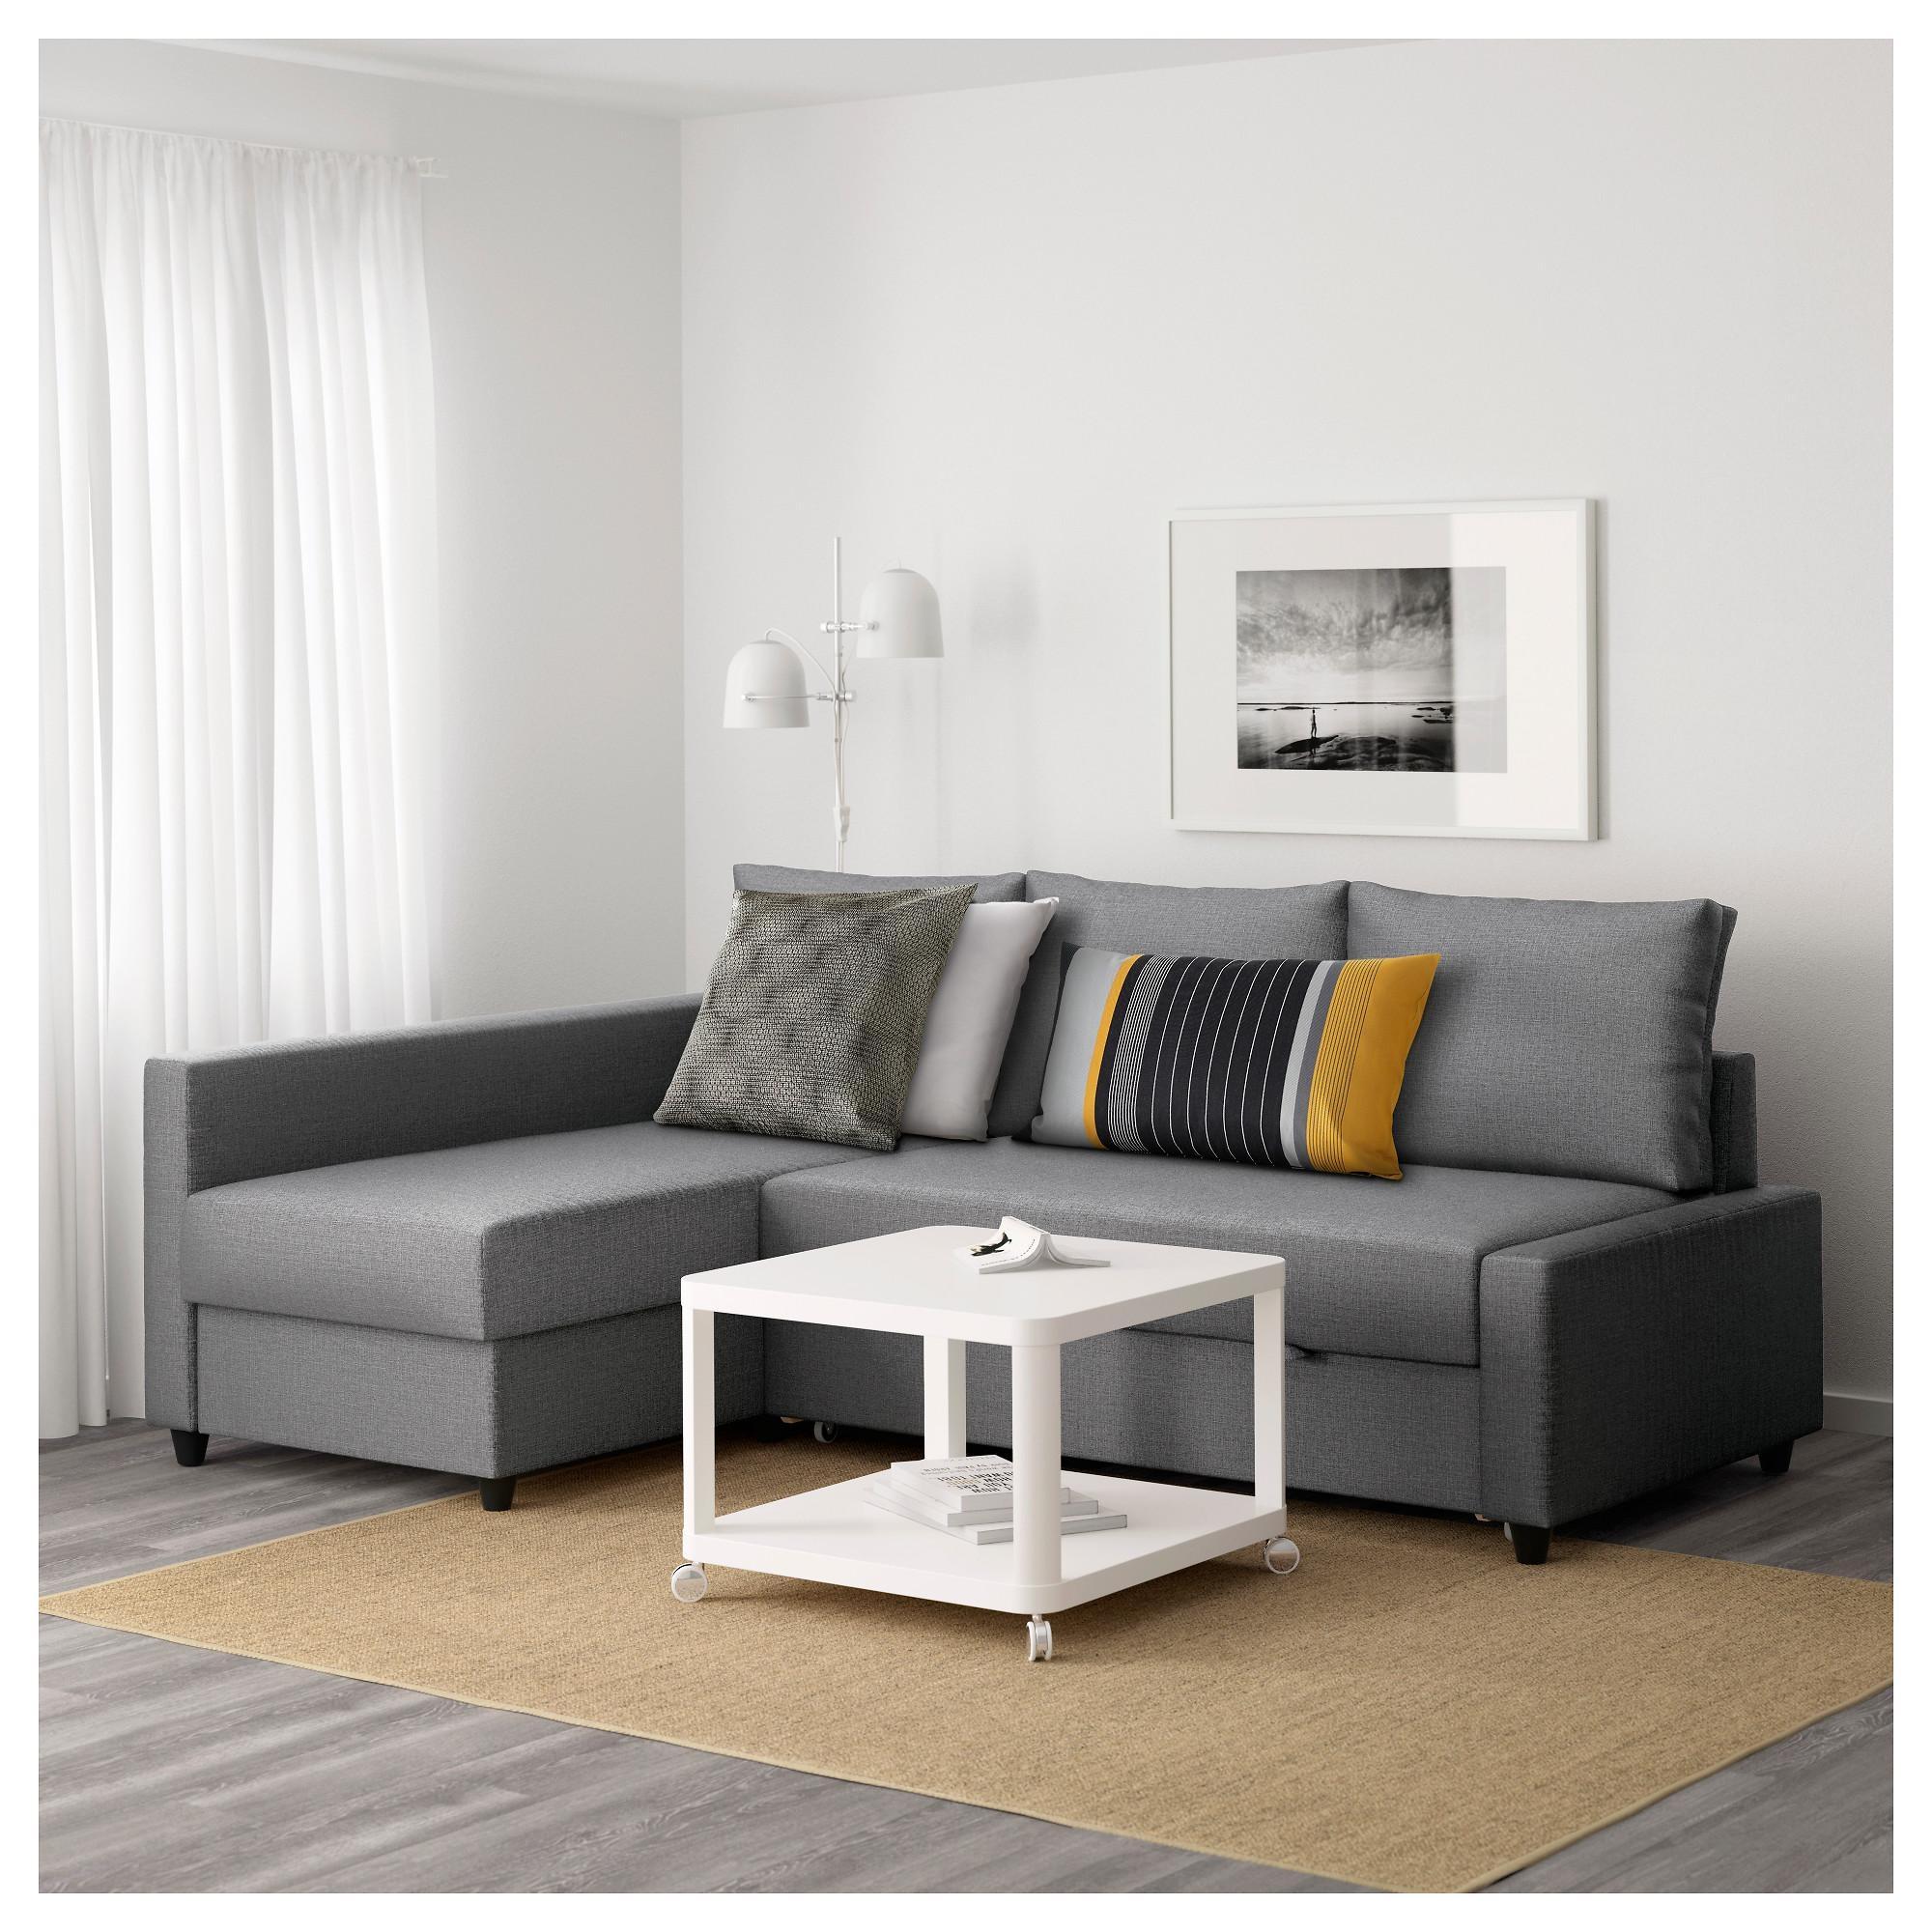 Friheten Corner Sofa Bed With Storage Skiftebo Dark Grey – Ikea Pertaining To Storage Sofas Ikea (View 2 of 20)